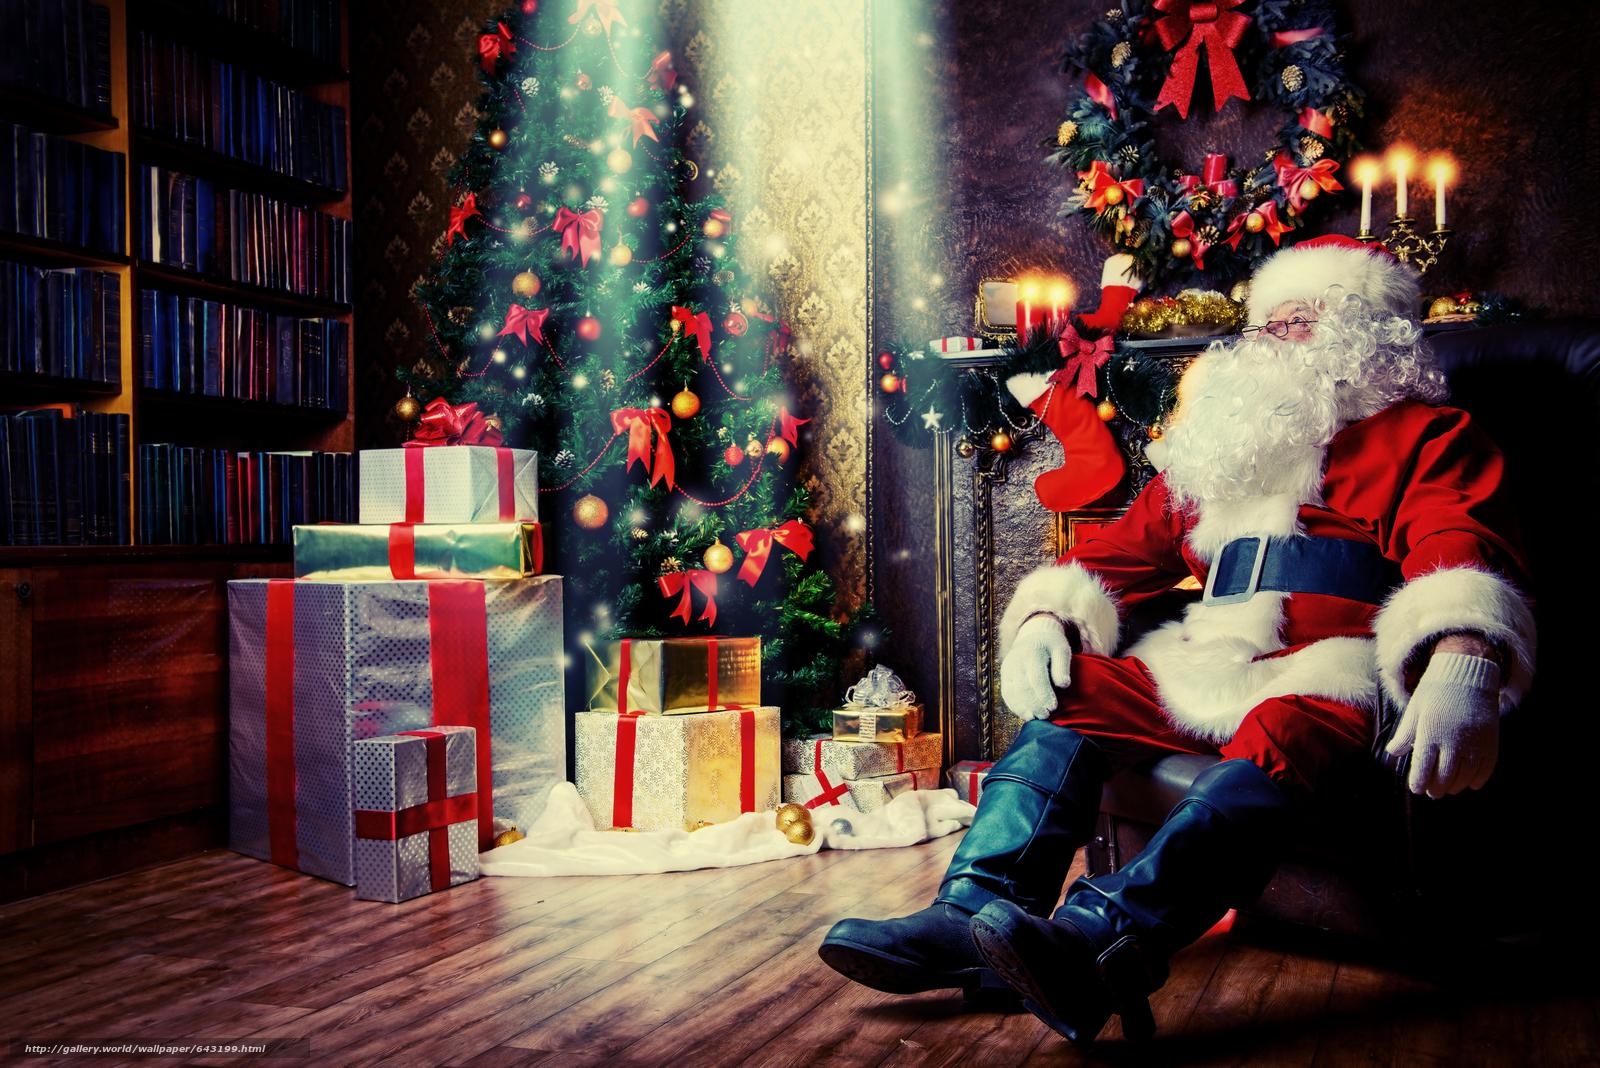 Скачать обои новогодняя ёлка,  дед мороз,  санта клаус,  подарки бесплатно для рабочего стола в разрешении 5600x3737 — картинка №643199